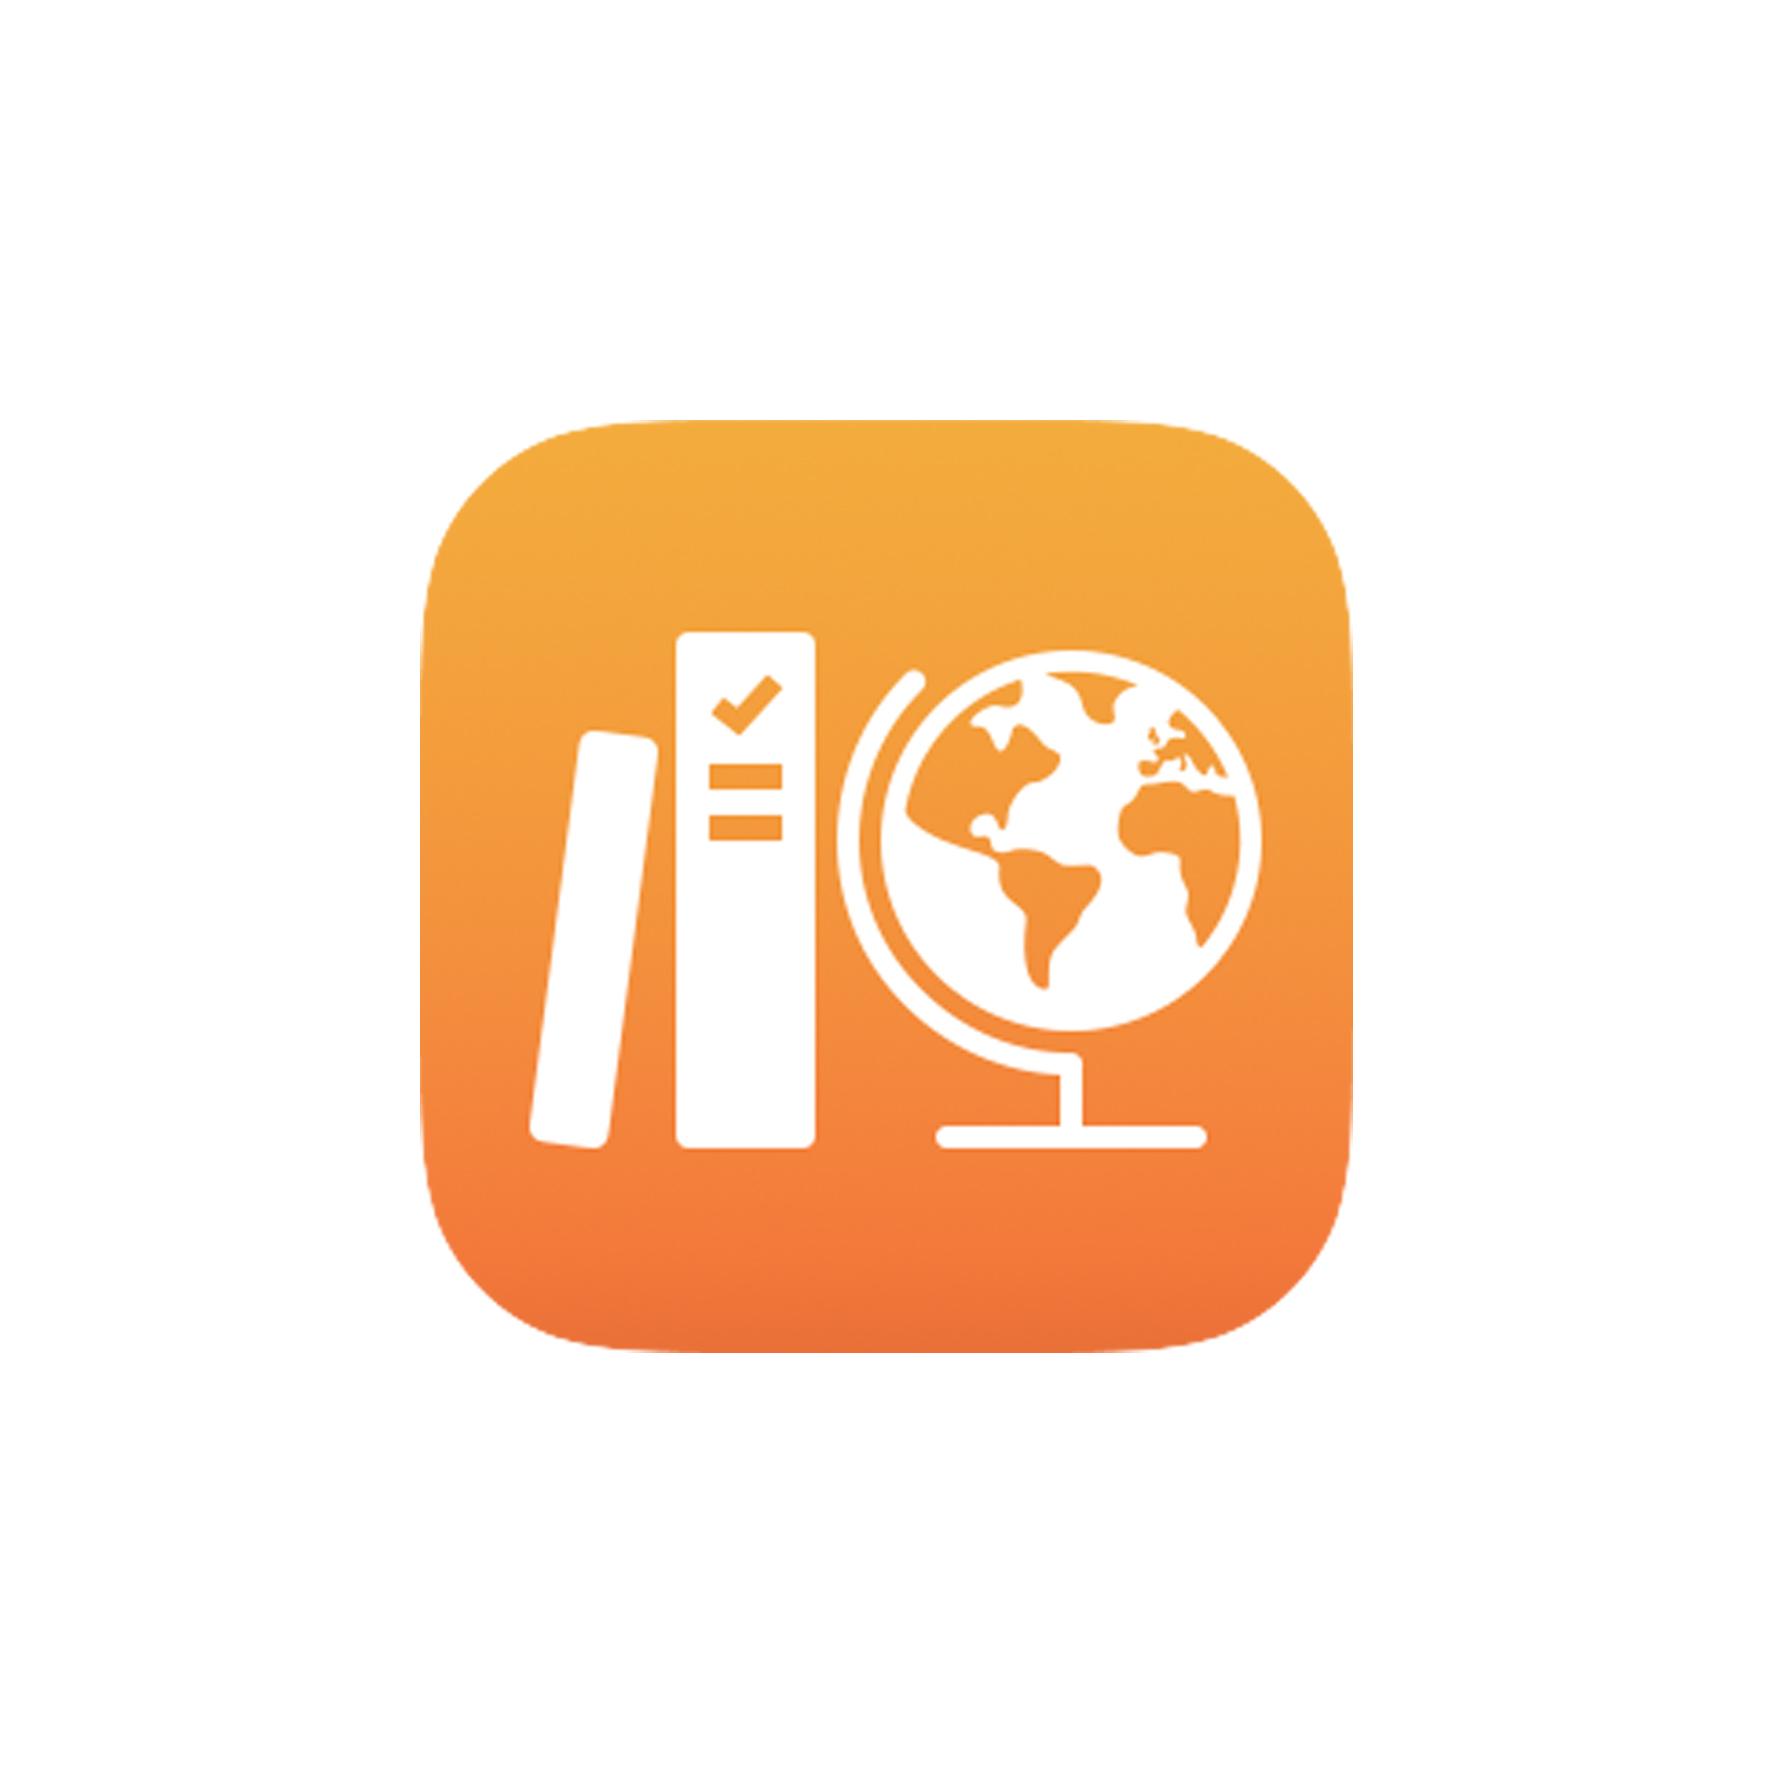 Apple Schoolwork